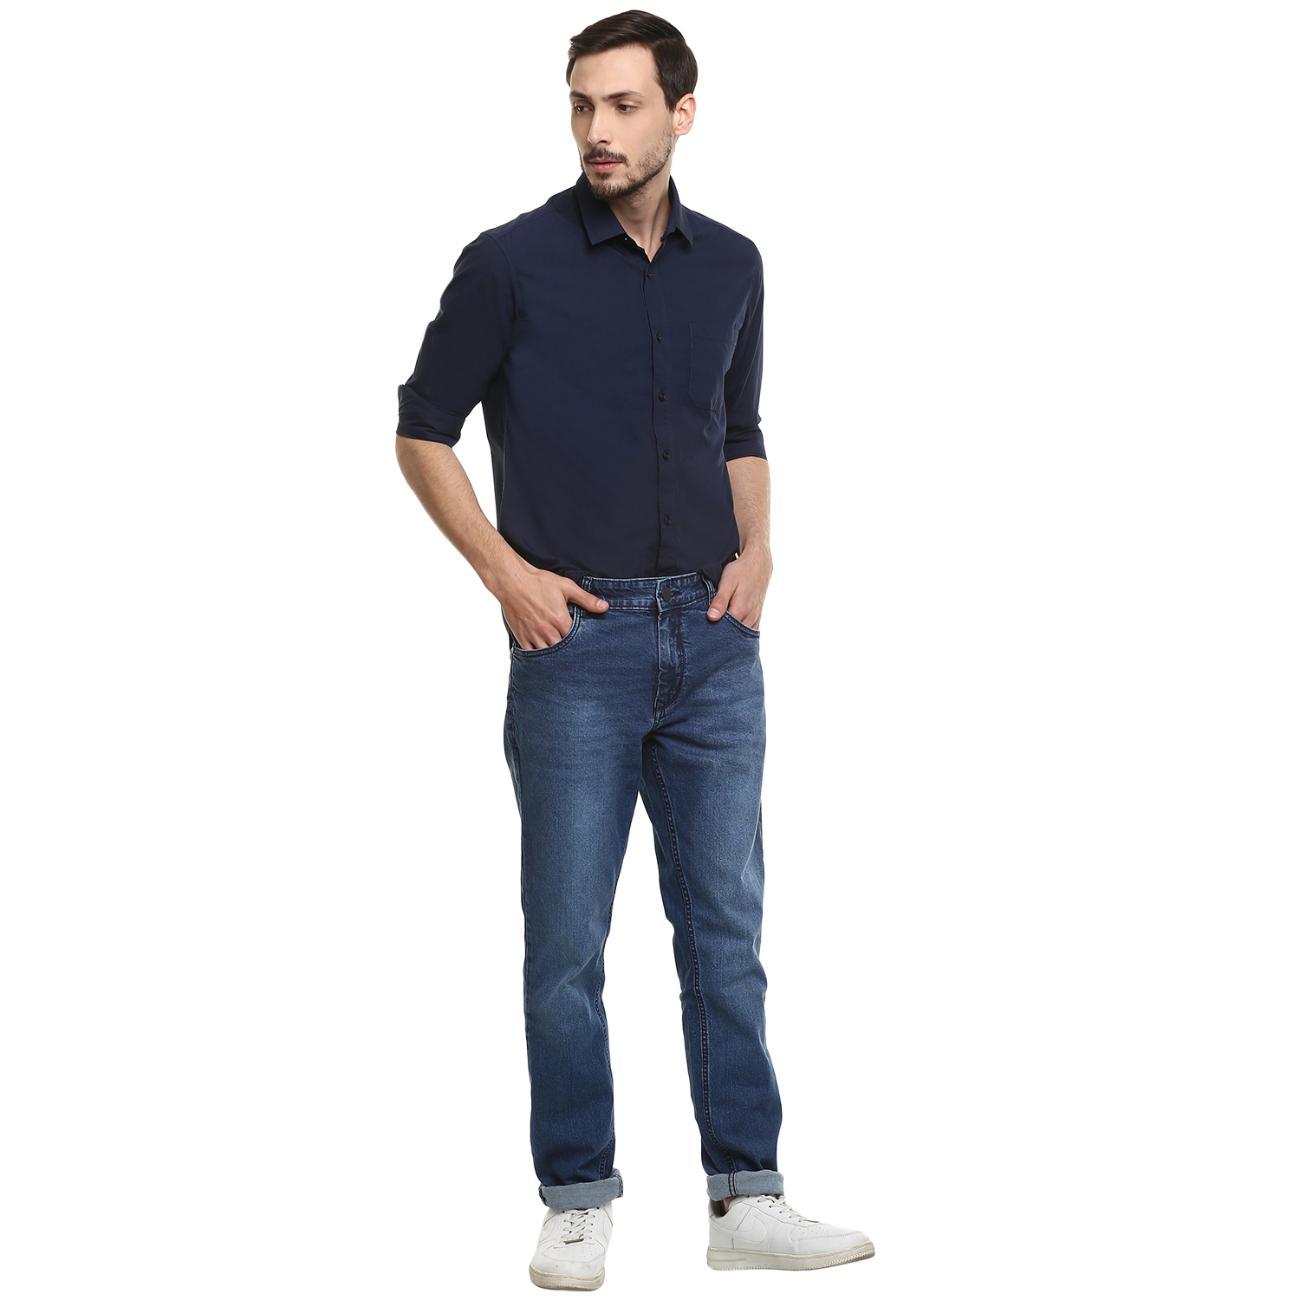 Cotton Shirts for Men